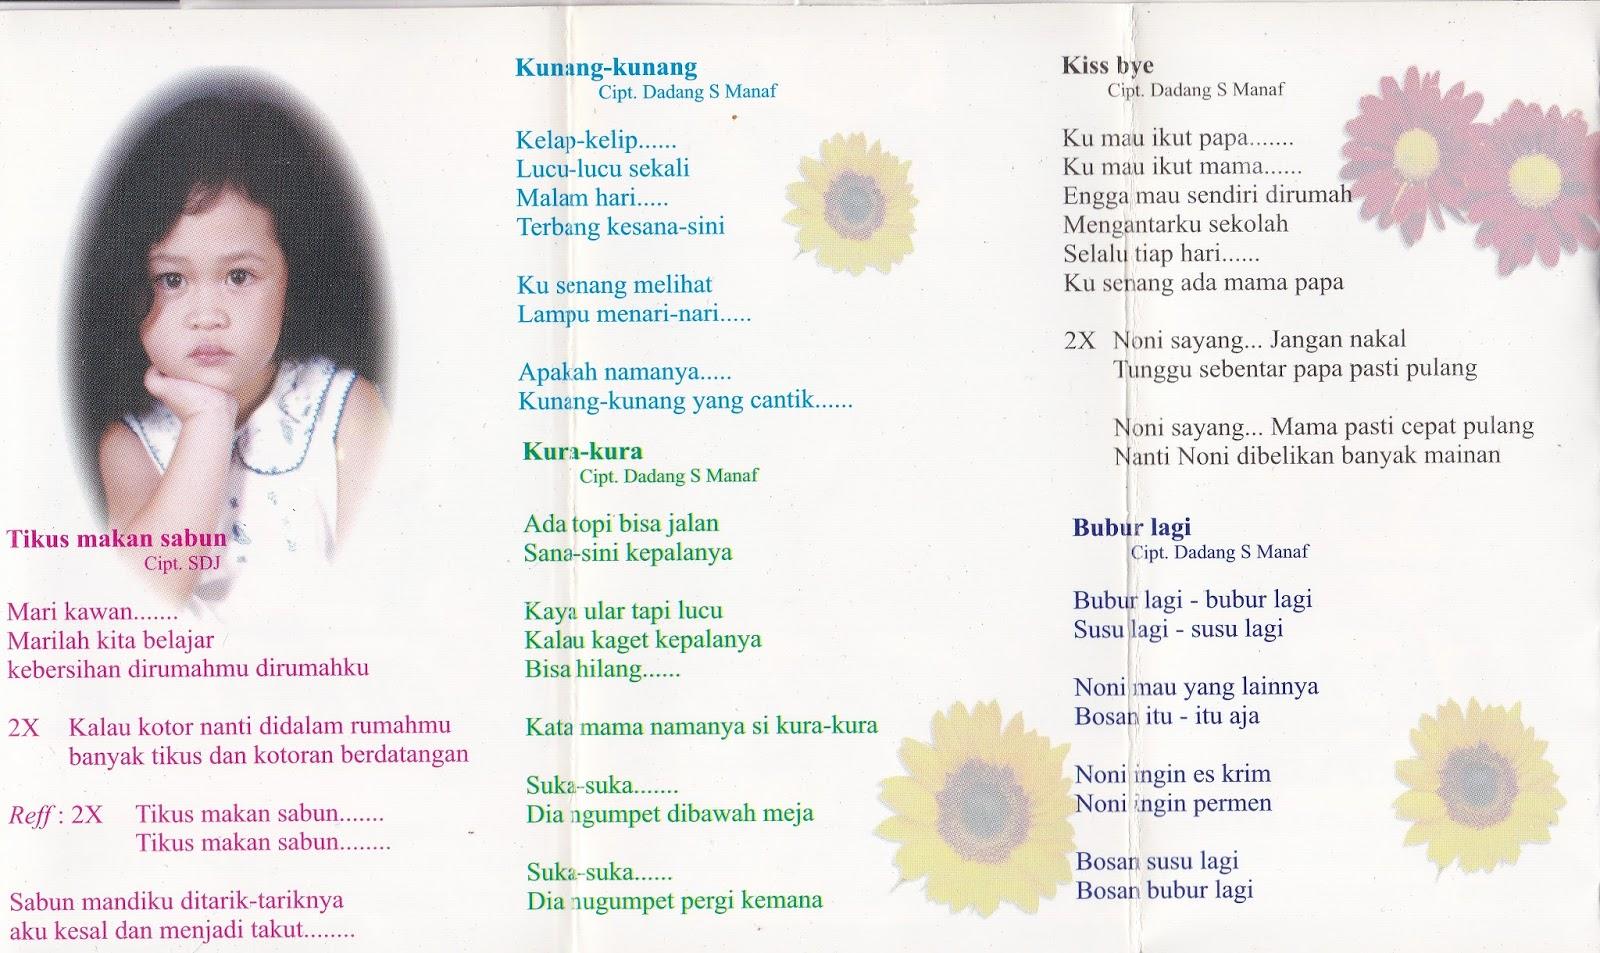 Sampul Kaset Anak Jaman Dulu 01 07 16